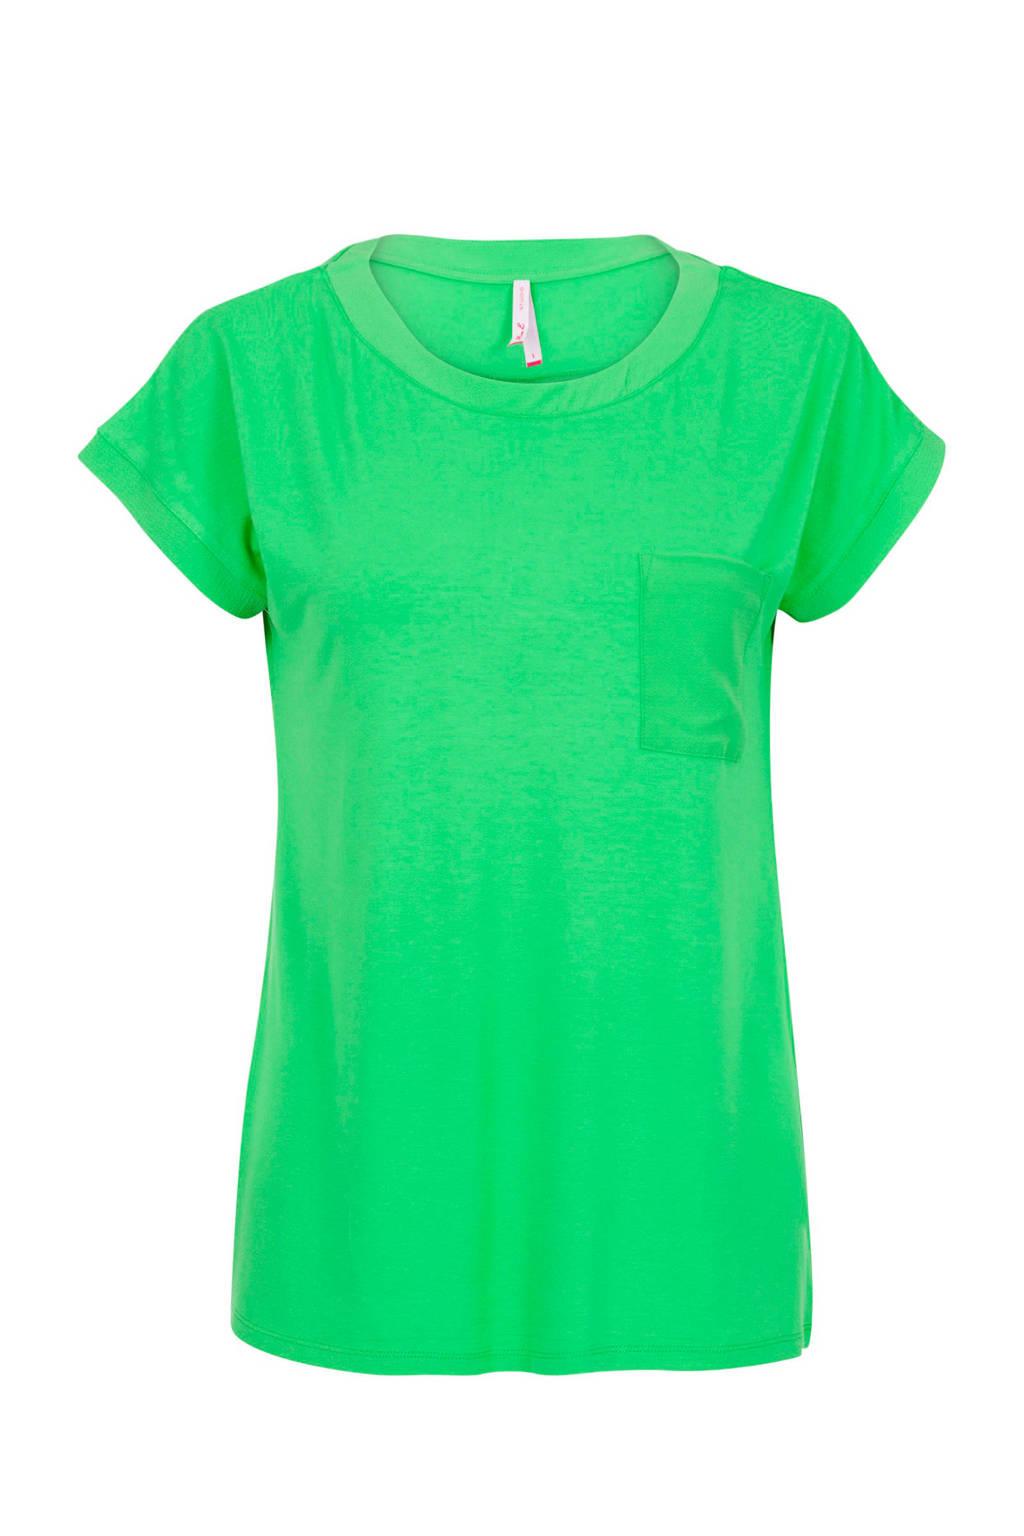 Miss Etam Regulier T-shirt groen, Groen